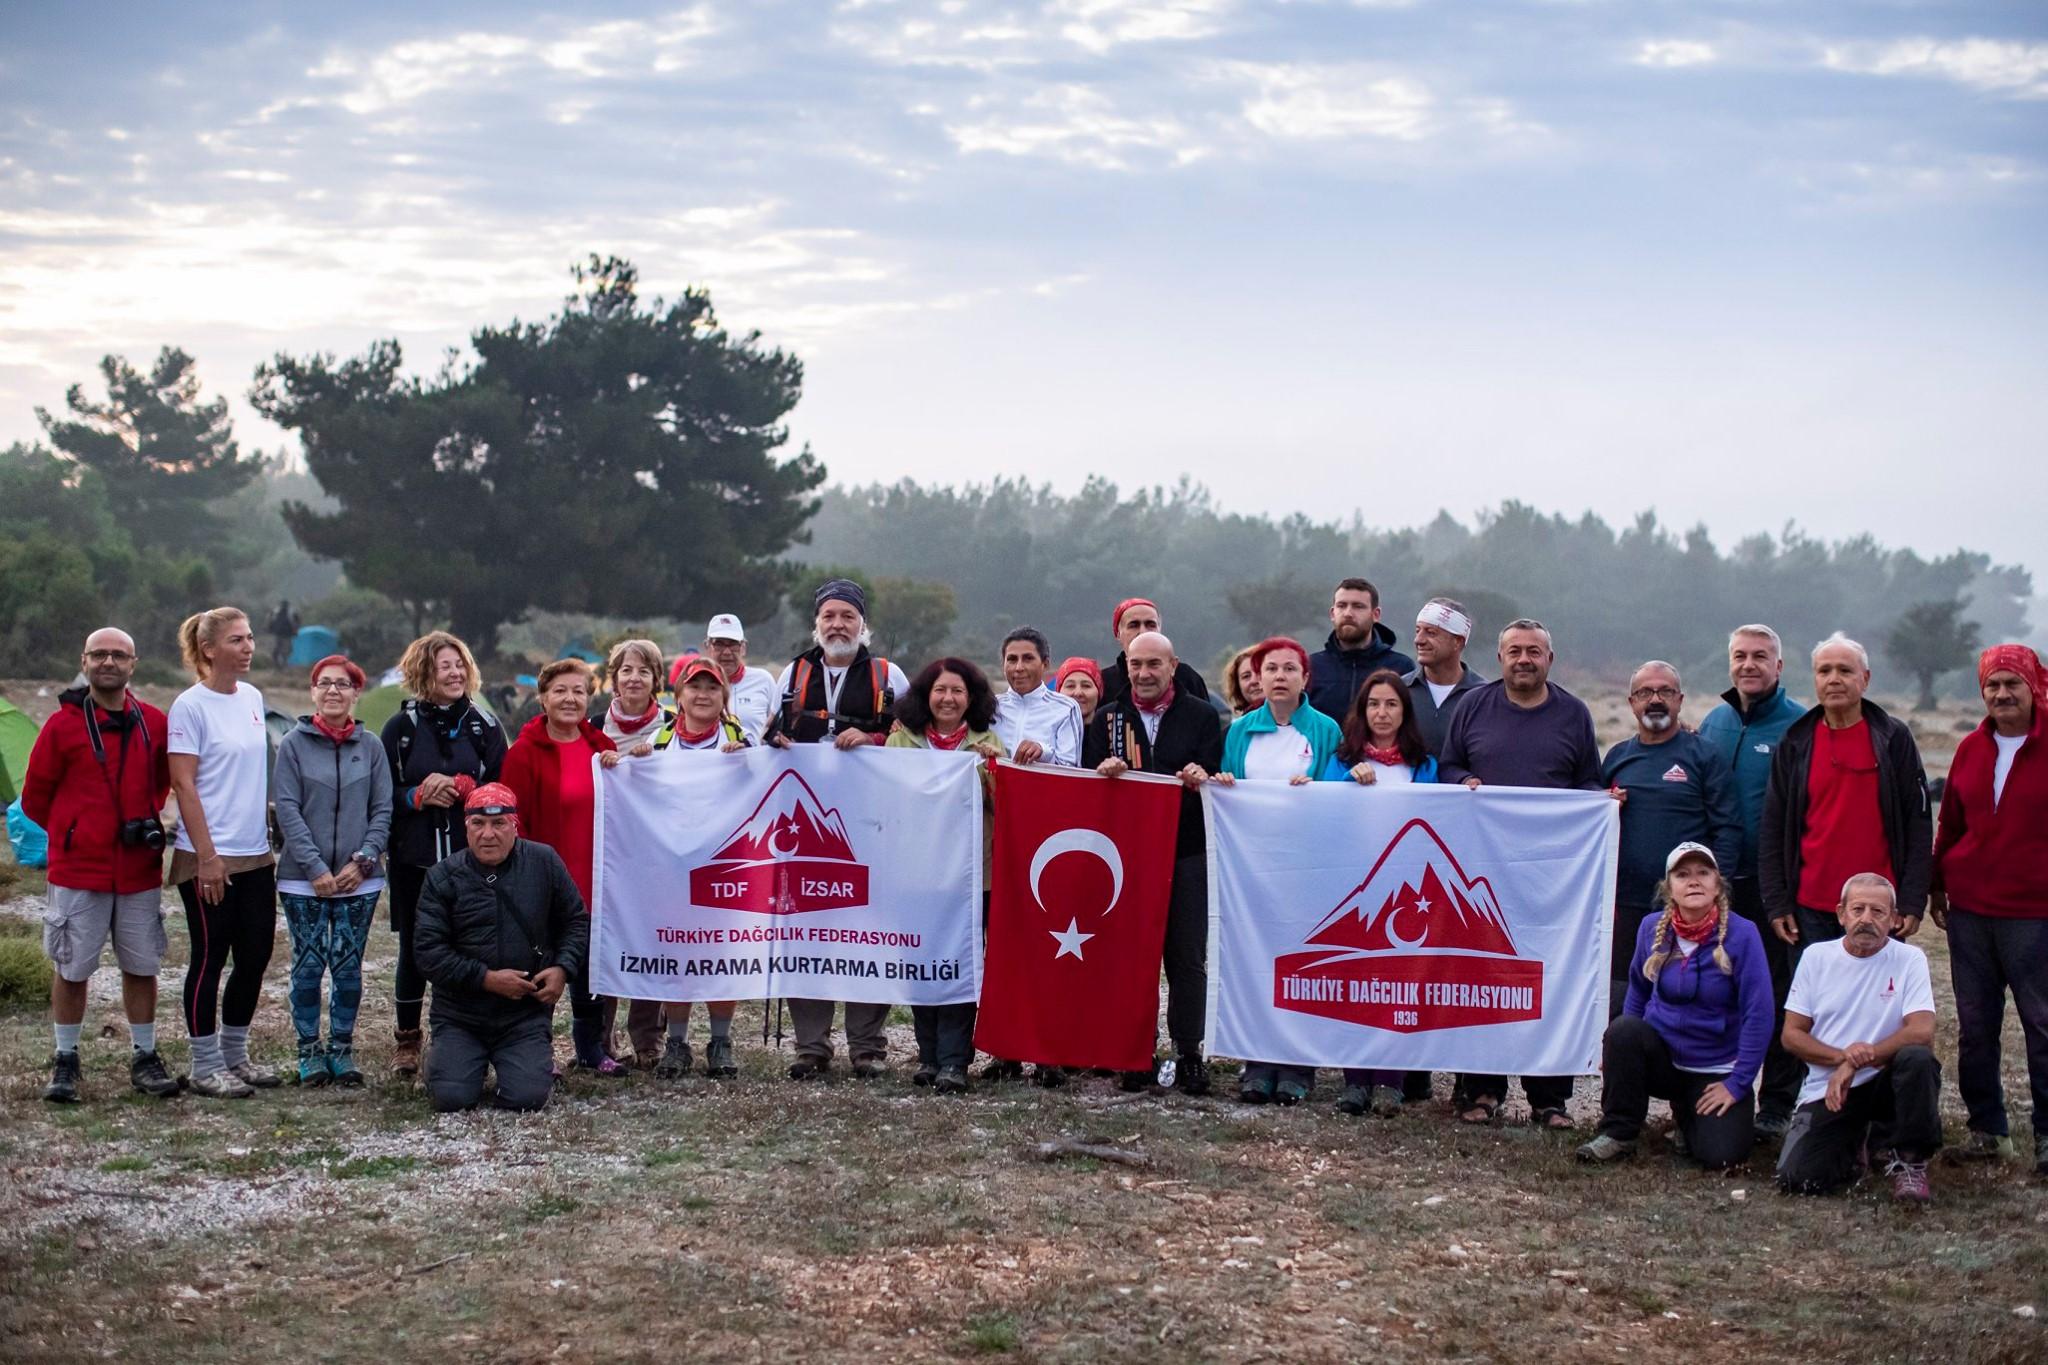 Efes Mimas Yolu Yürüyüş Faaliyeti tamamlandı.